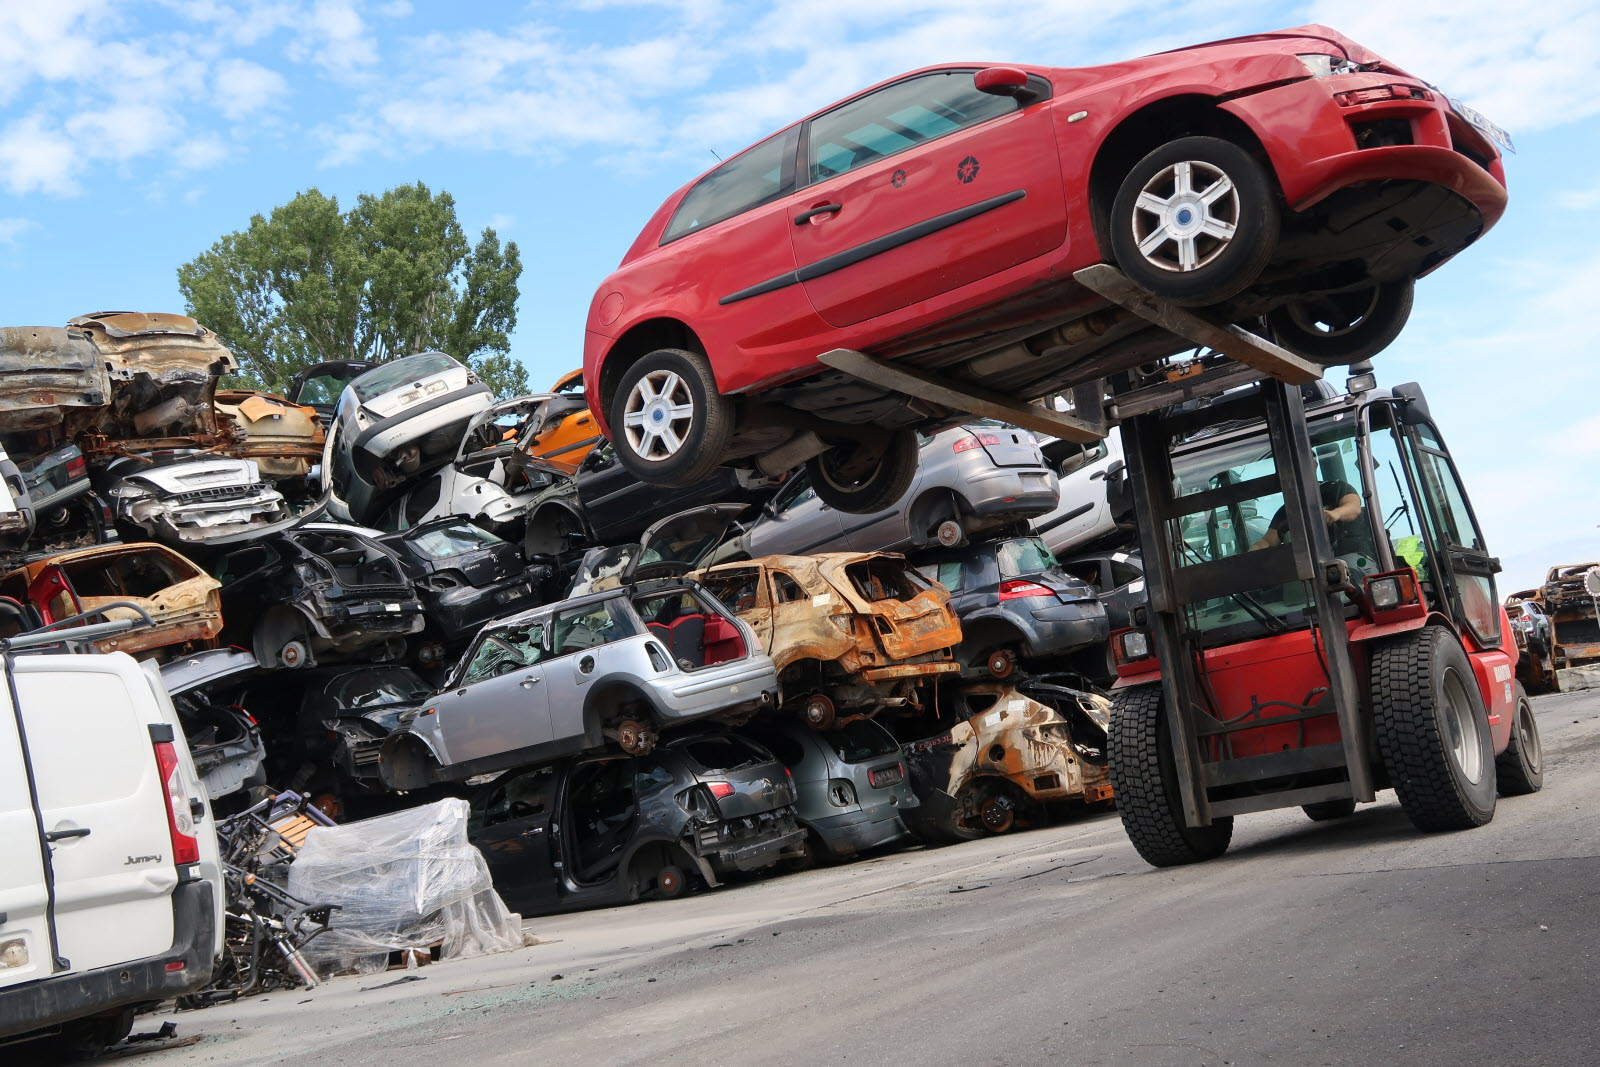 Cession d'un véhicule destiné à la casse